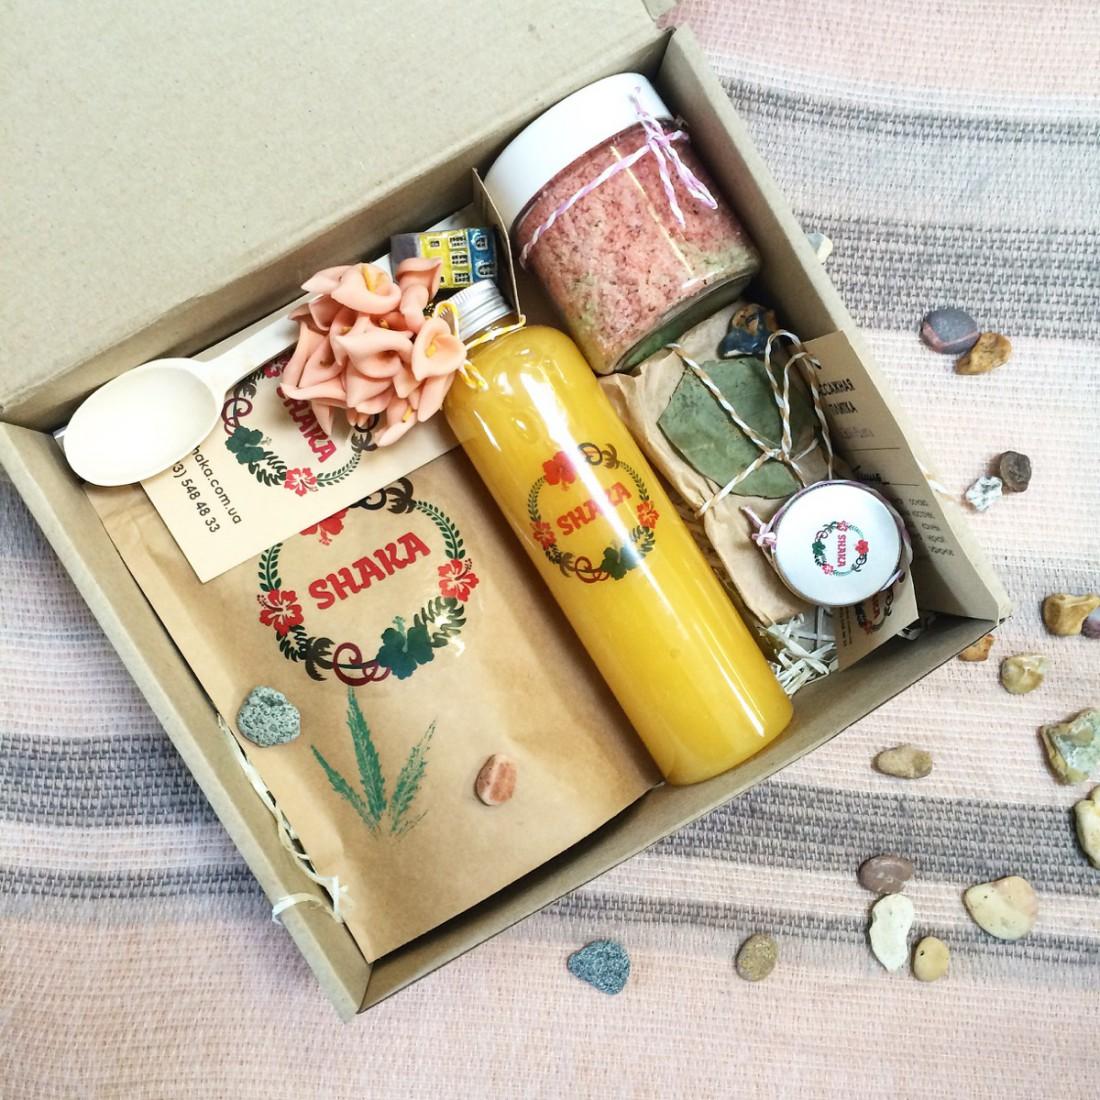 Коробочка с самыми актуальными продуктами сезона от Shaka